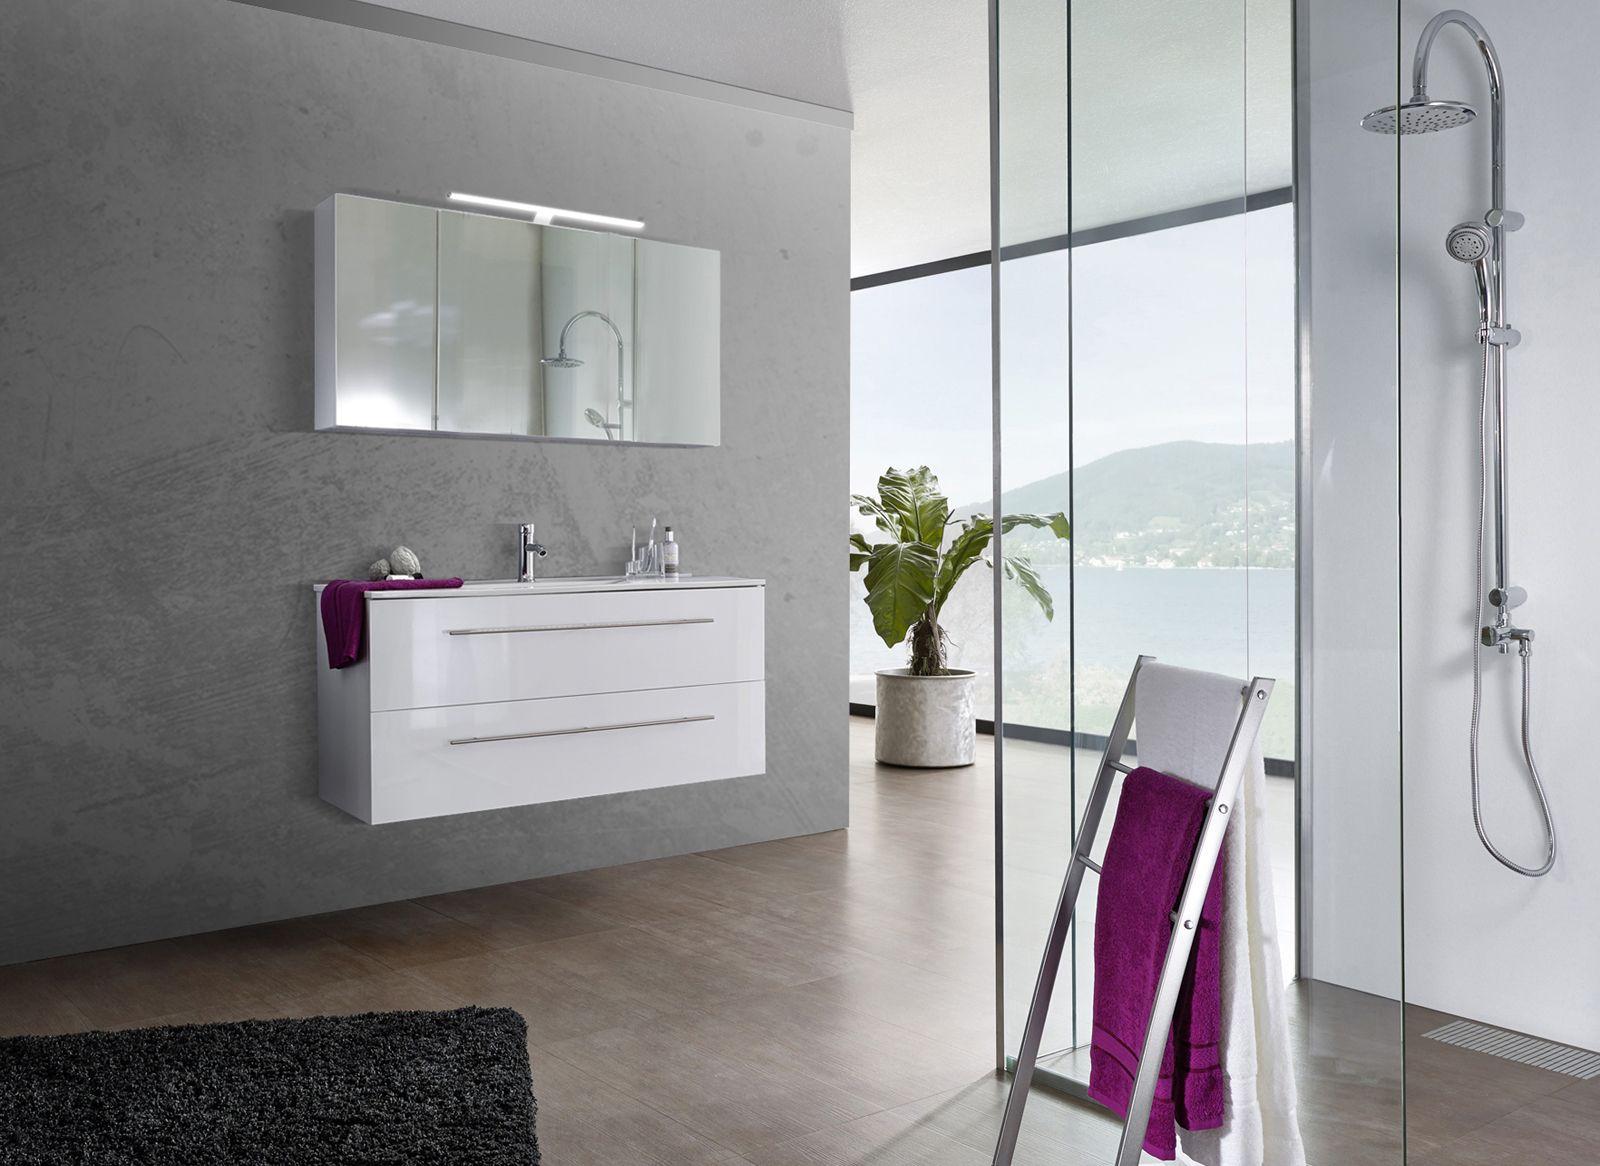 Sam 2tlg Badezimmer Set Spiegelschrank Weiss 120 Cm Verena Auf